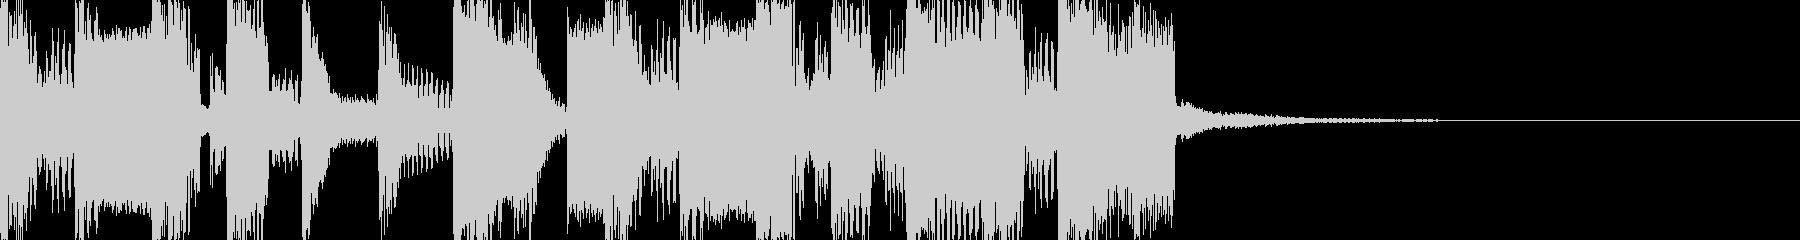 速めなチップチューンなファンファーレの未再生の波形